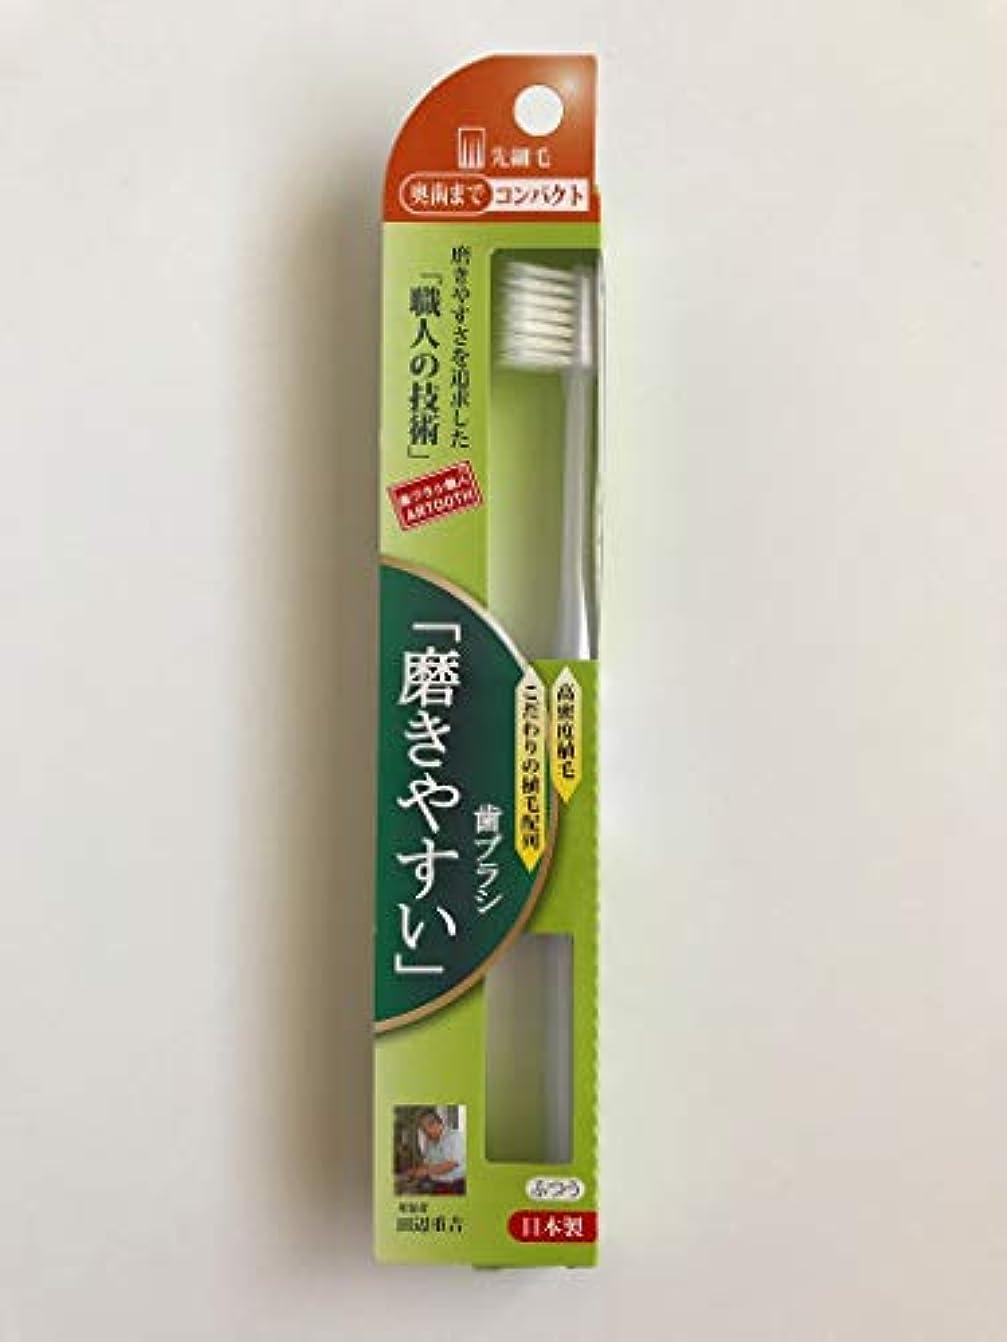 蒸気不適本部歯ブラシ職人 Artooth® 田辺重吉 日本製 磨きやすい歯ブラシ 奥歯まで先細毛SLT-12 (6本入)